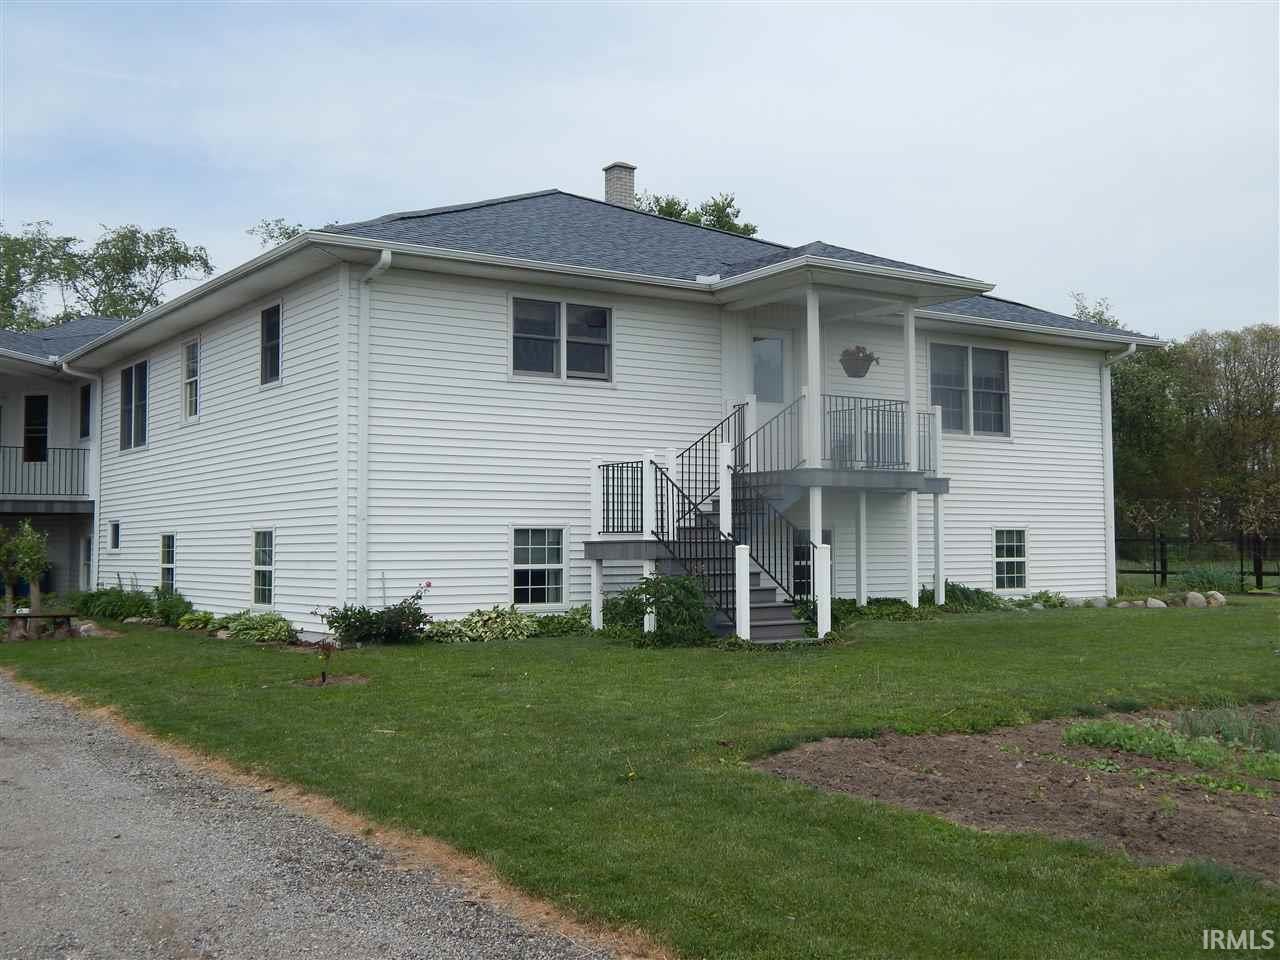 2910 N 1150 W Middlebury, IN 46540